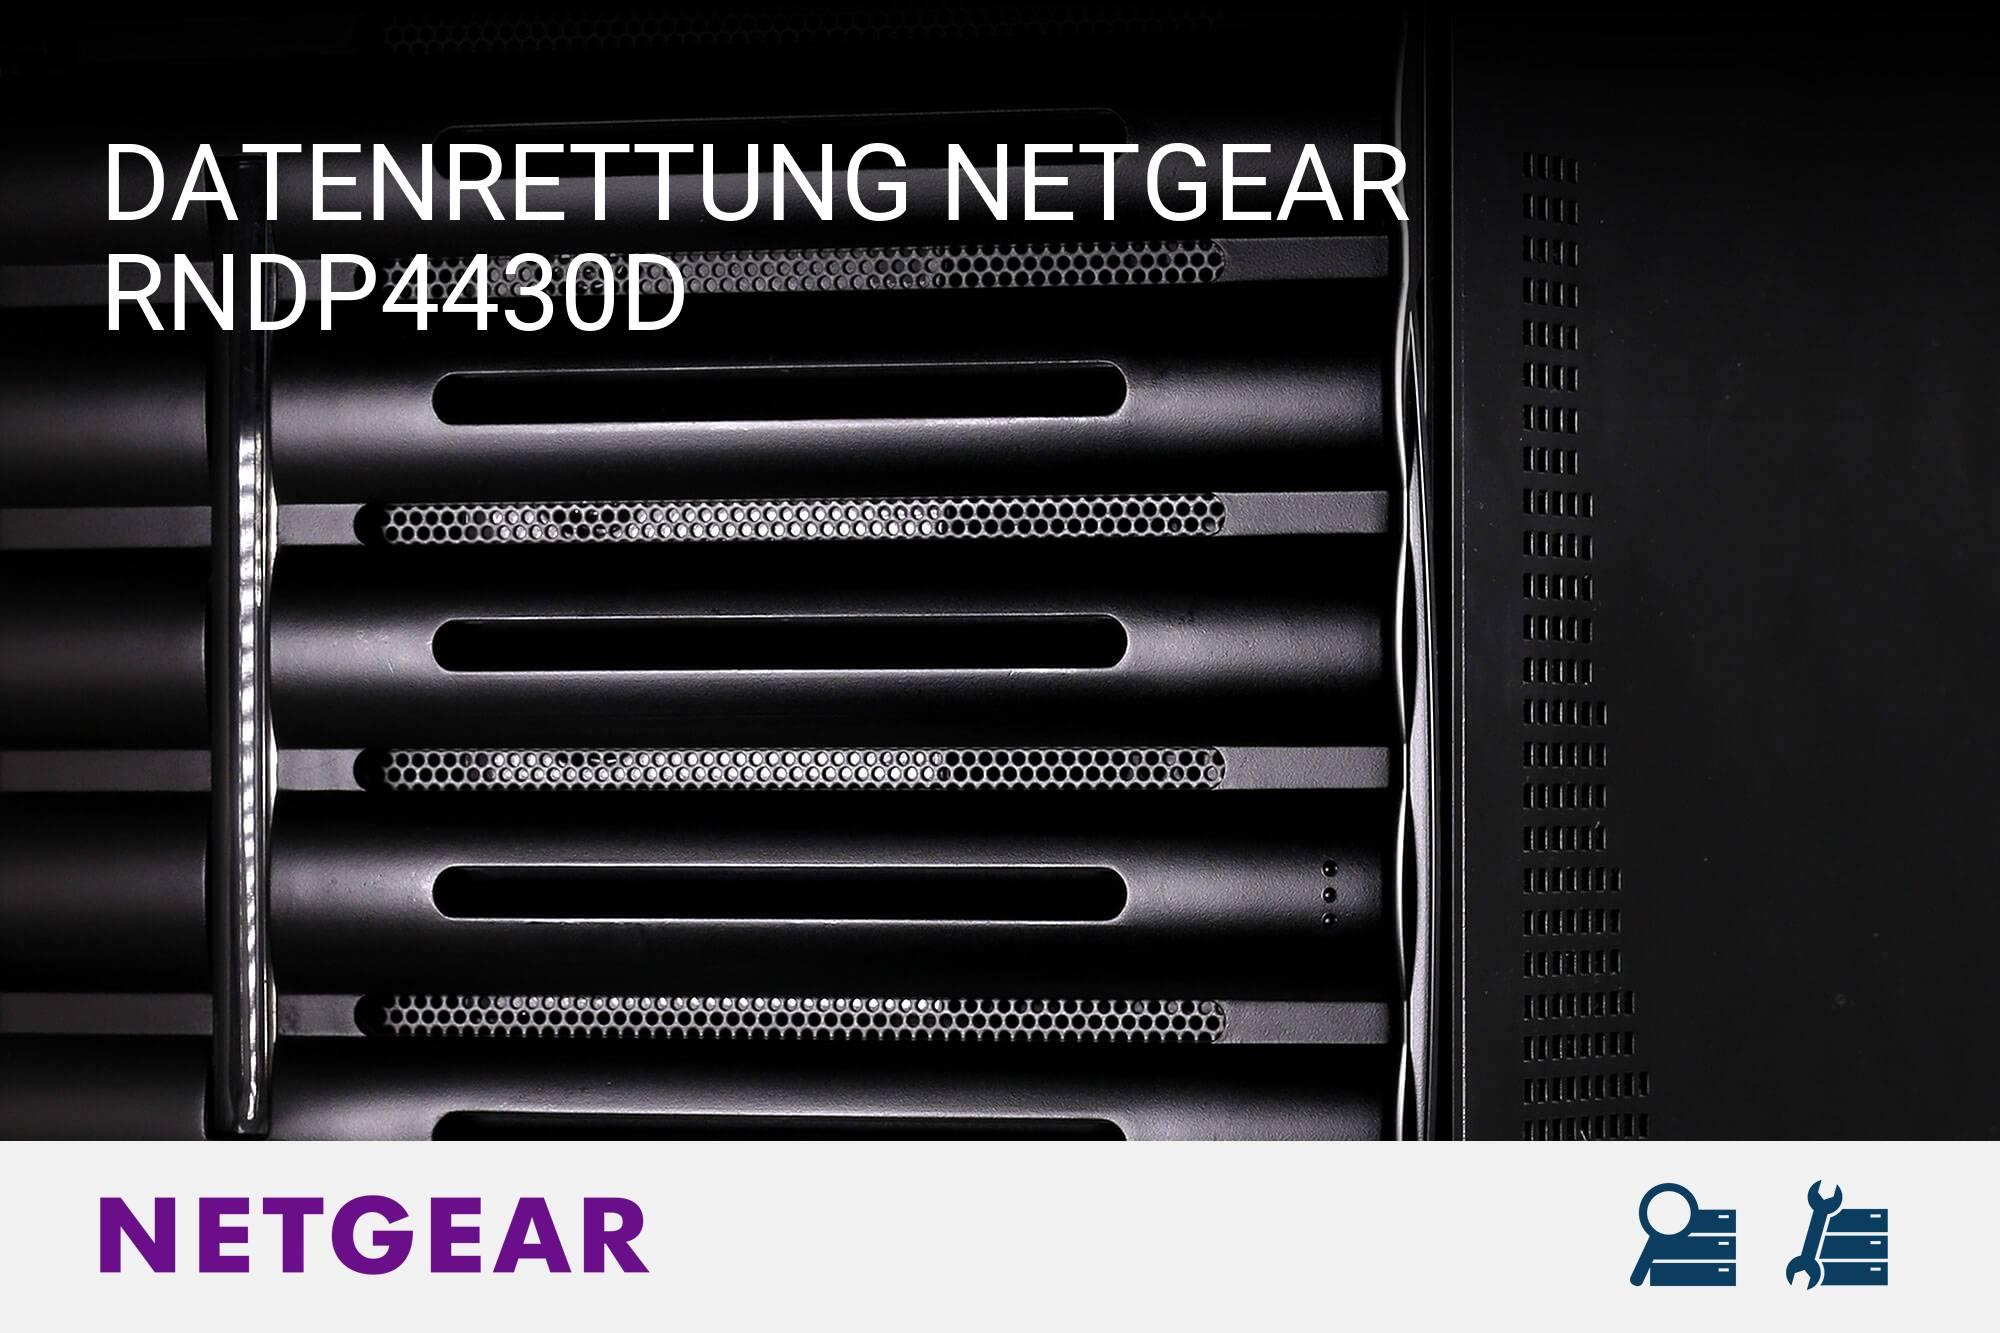 Netgear RNDP4430D